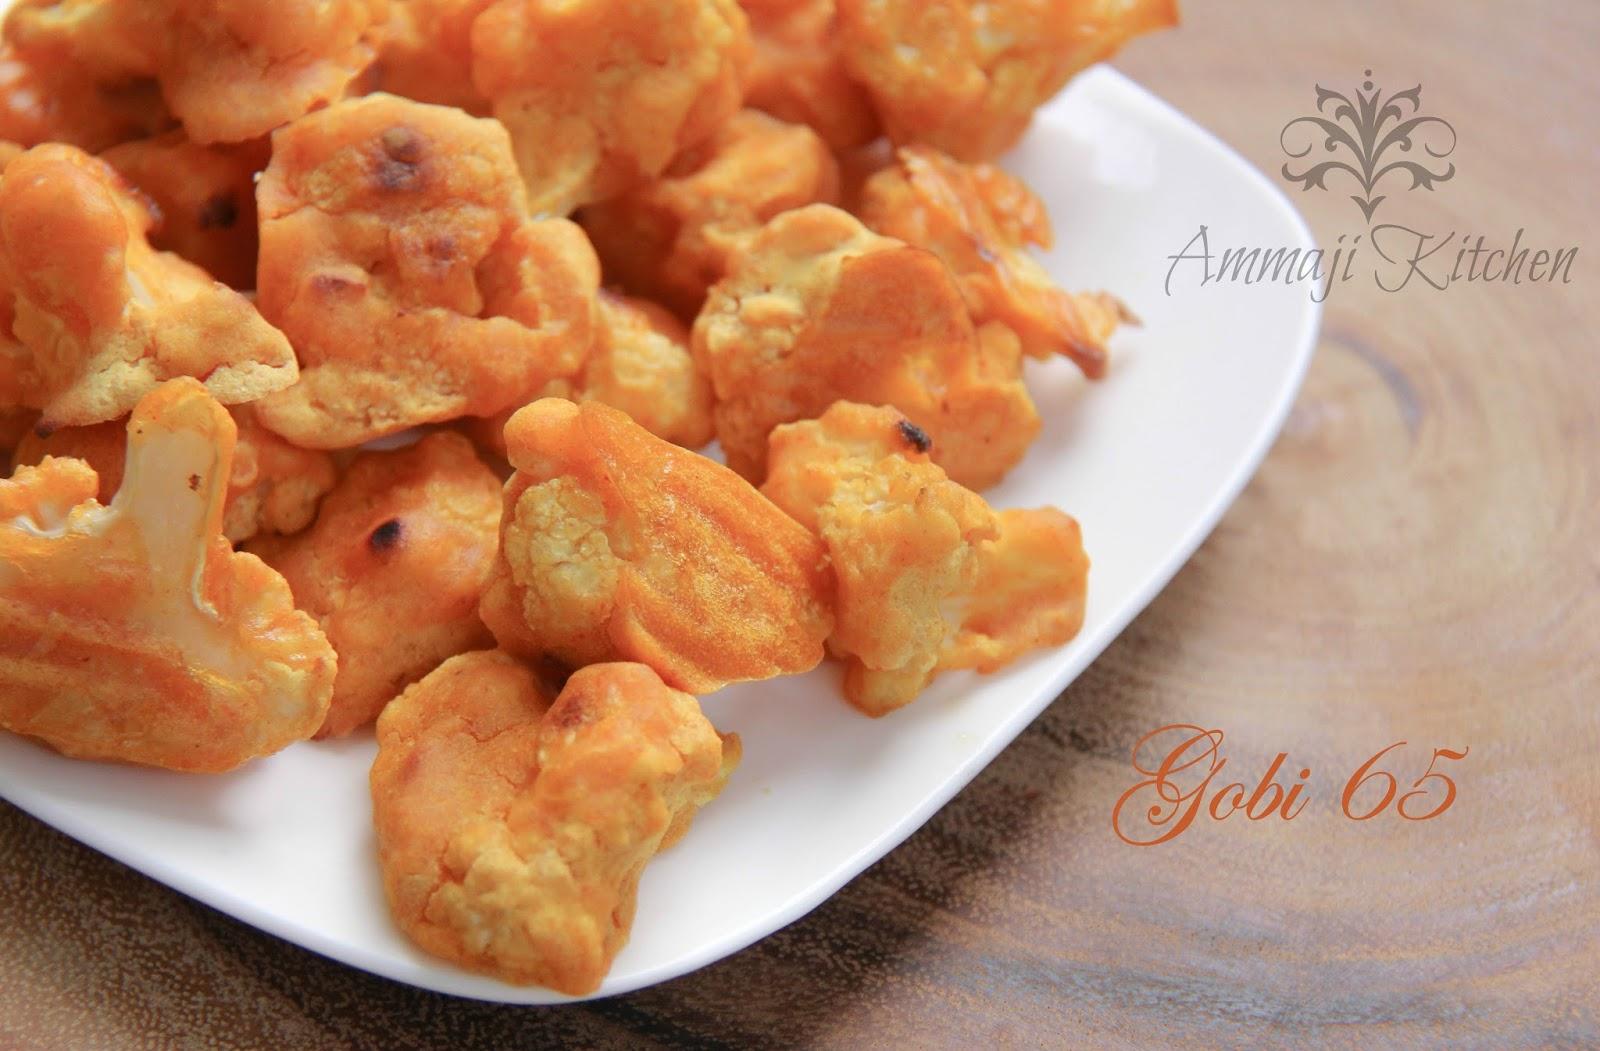 Gobi 65 indian food recipes ammaji kitchen gobi 65 forumfinder Choice Image